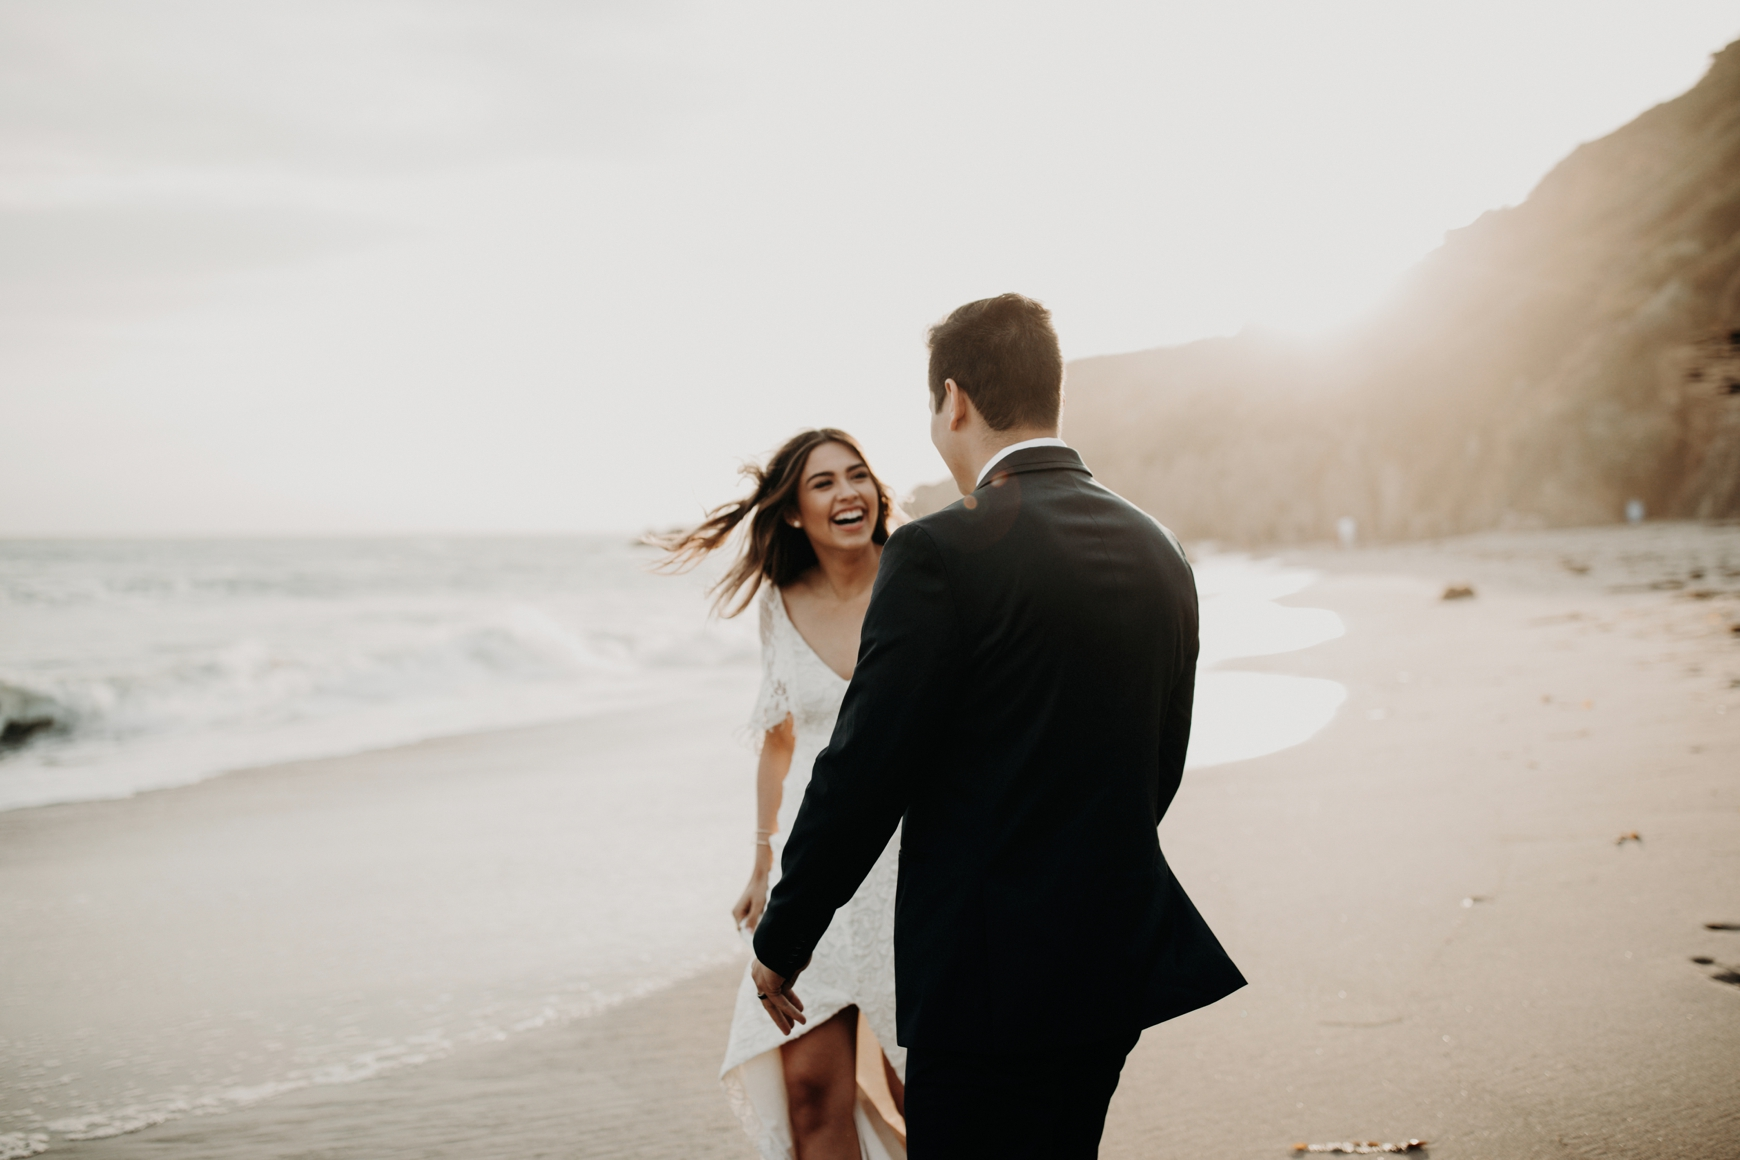 El Matador Beach Bridal Portraits Justellen & TJ Emily Magers Photography-268Emily Magers Photography.jpg